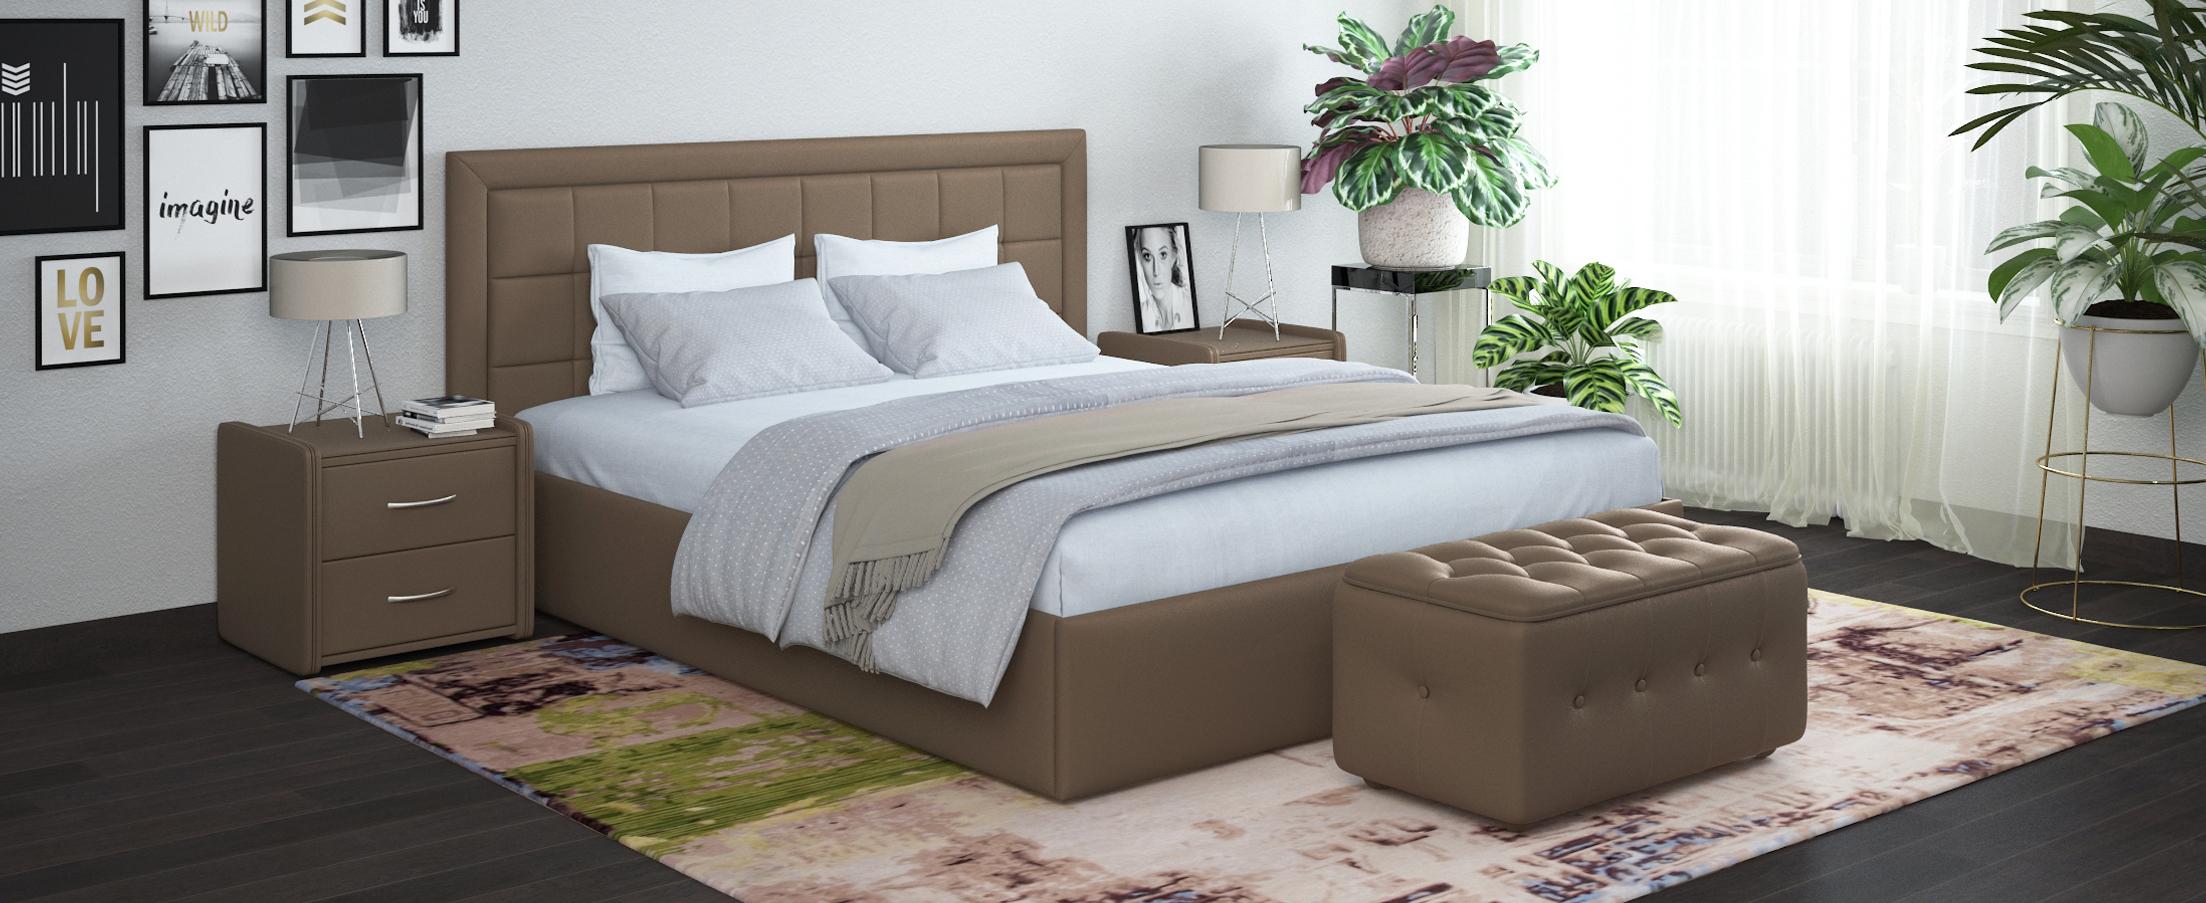 Купить Кровать двуспальная Ноэми 140х200 Модель 1202, MOON TRADE, Бежевый